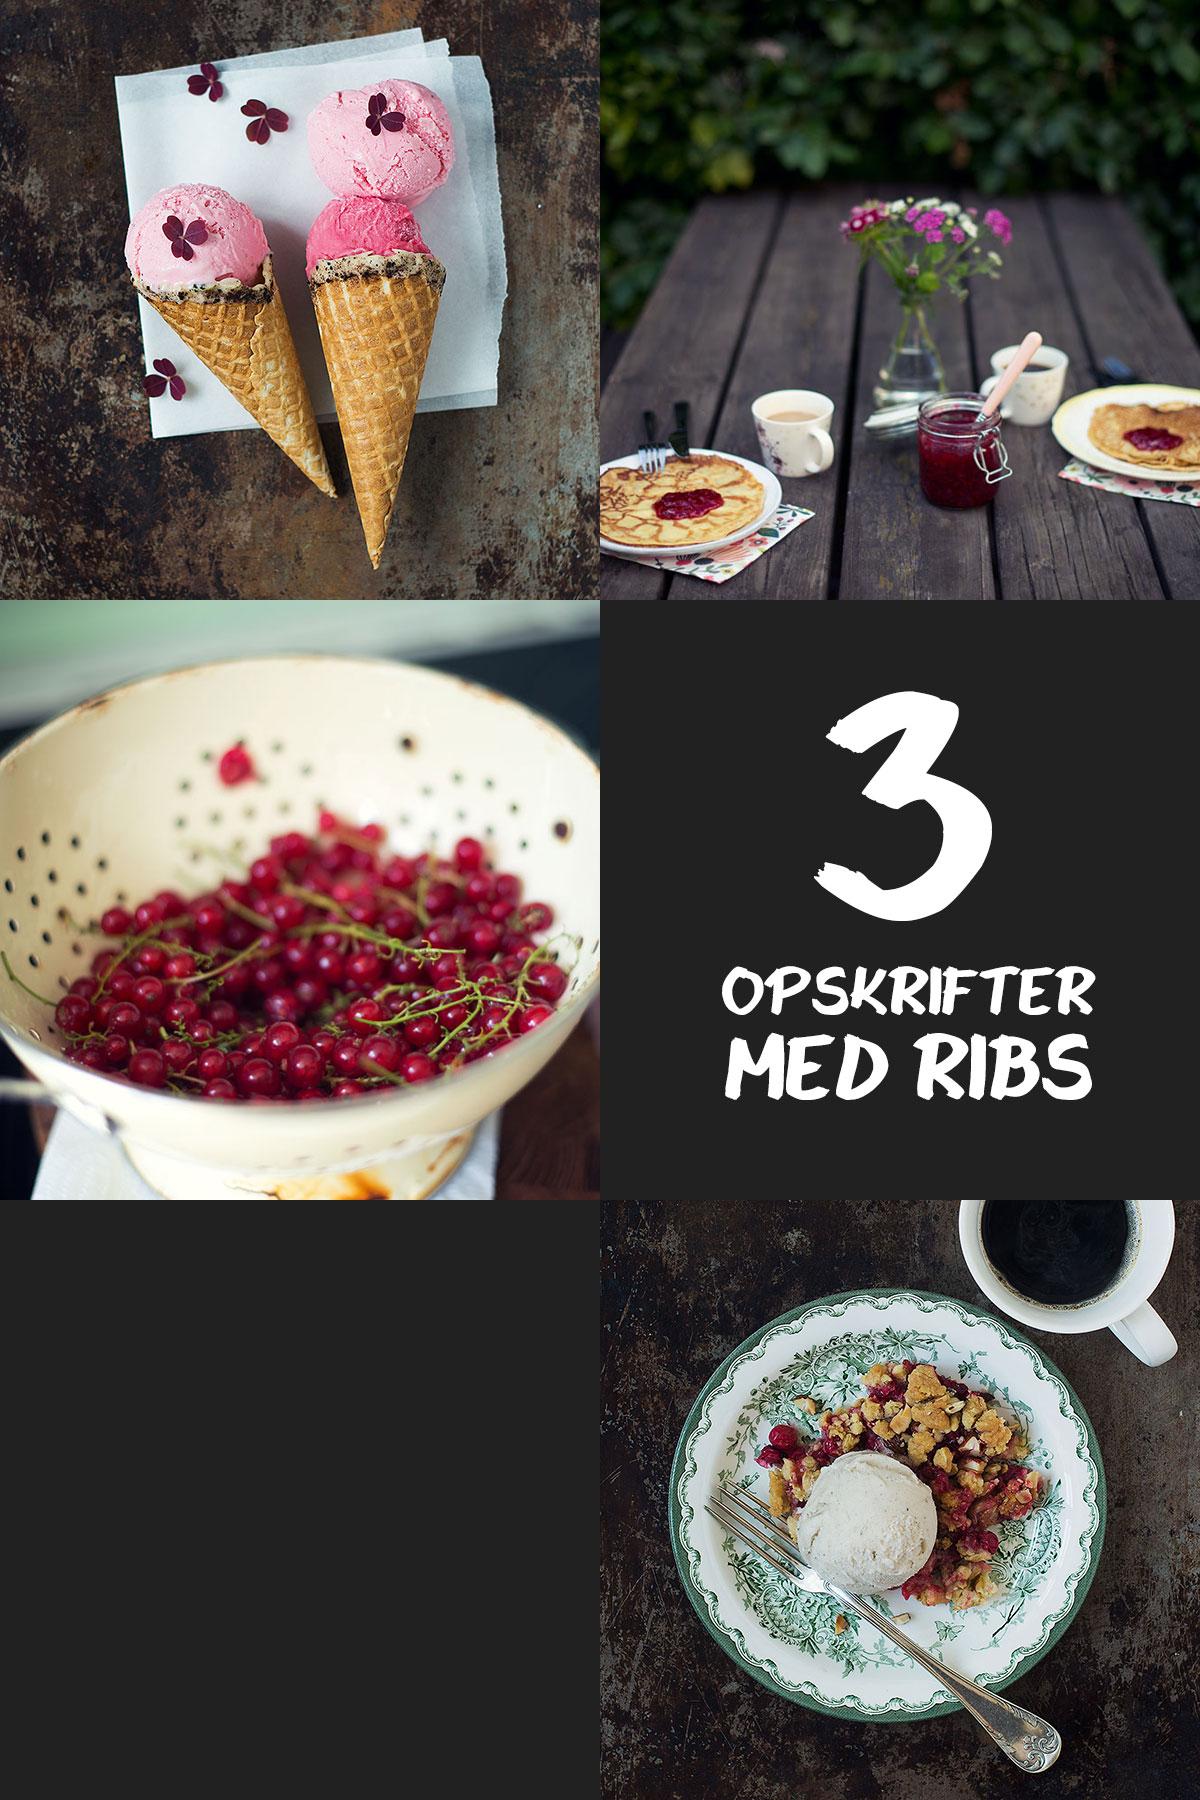 3 opskrifter med ribs | Frk. Kræsen